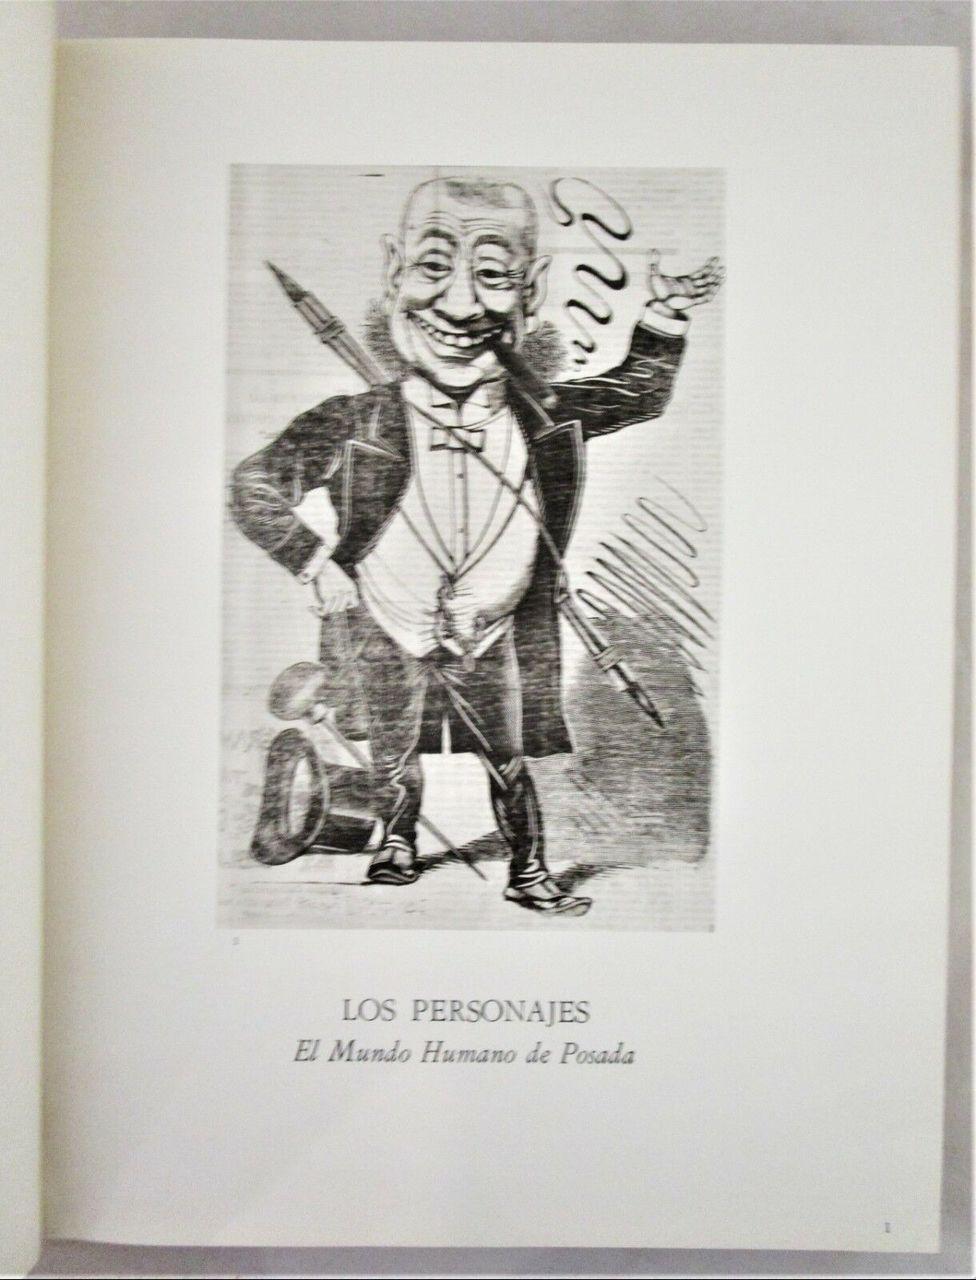 JOSE GUADALUPE POSADA: ILUSTRADOR DE LA VIDA MEXICANA - 1963